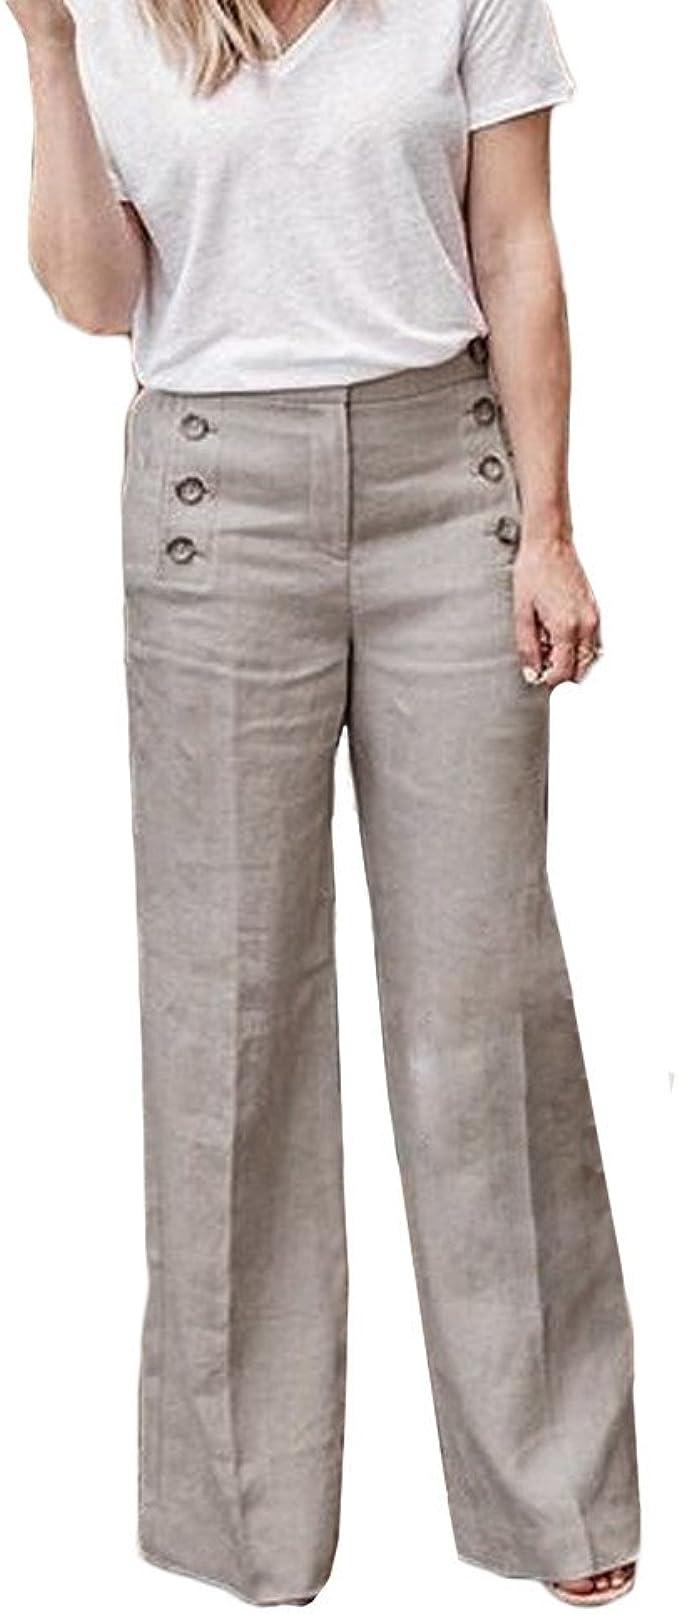 Beladla Pantalones Mujer Anchos Casual Botones Cintura Alta Fiesta ...